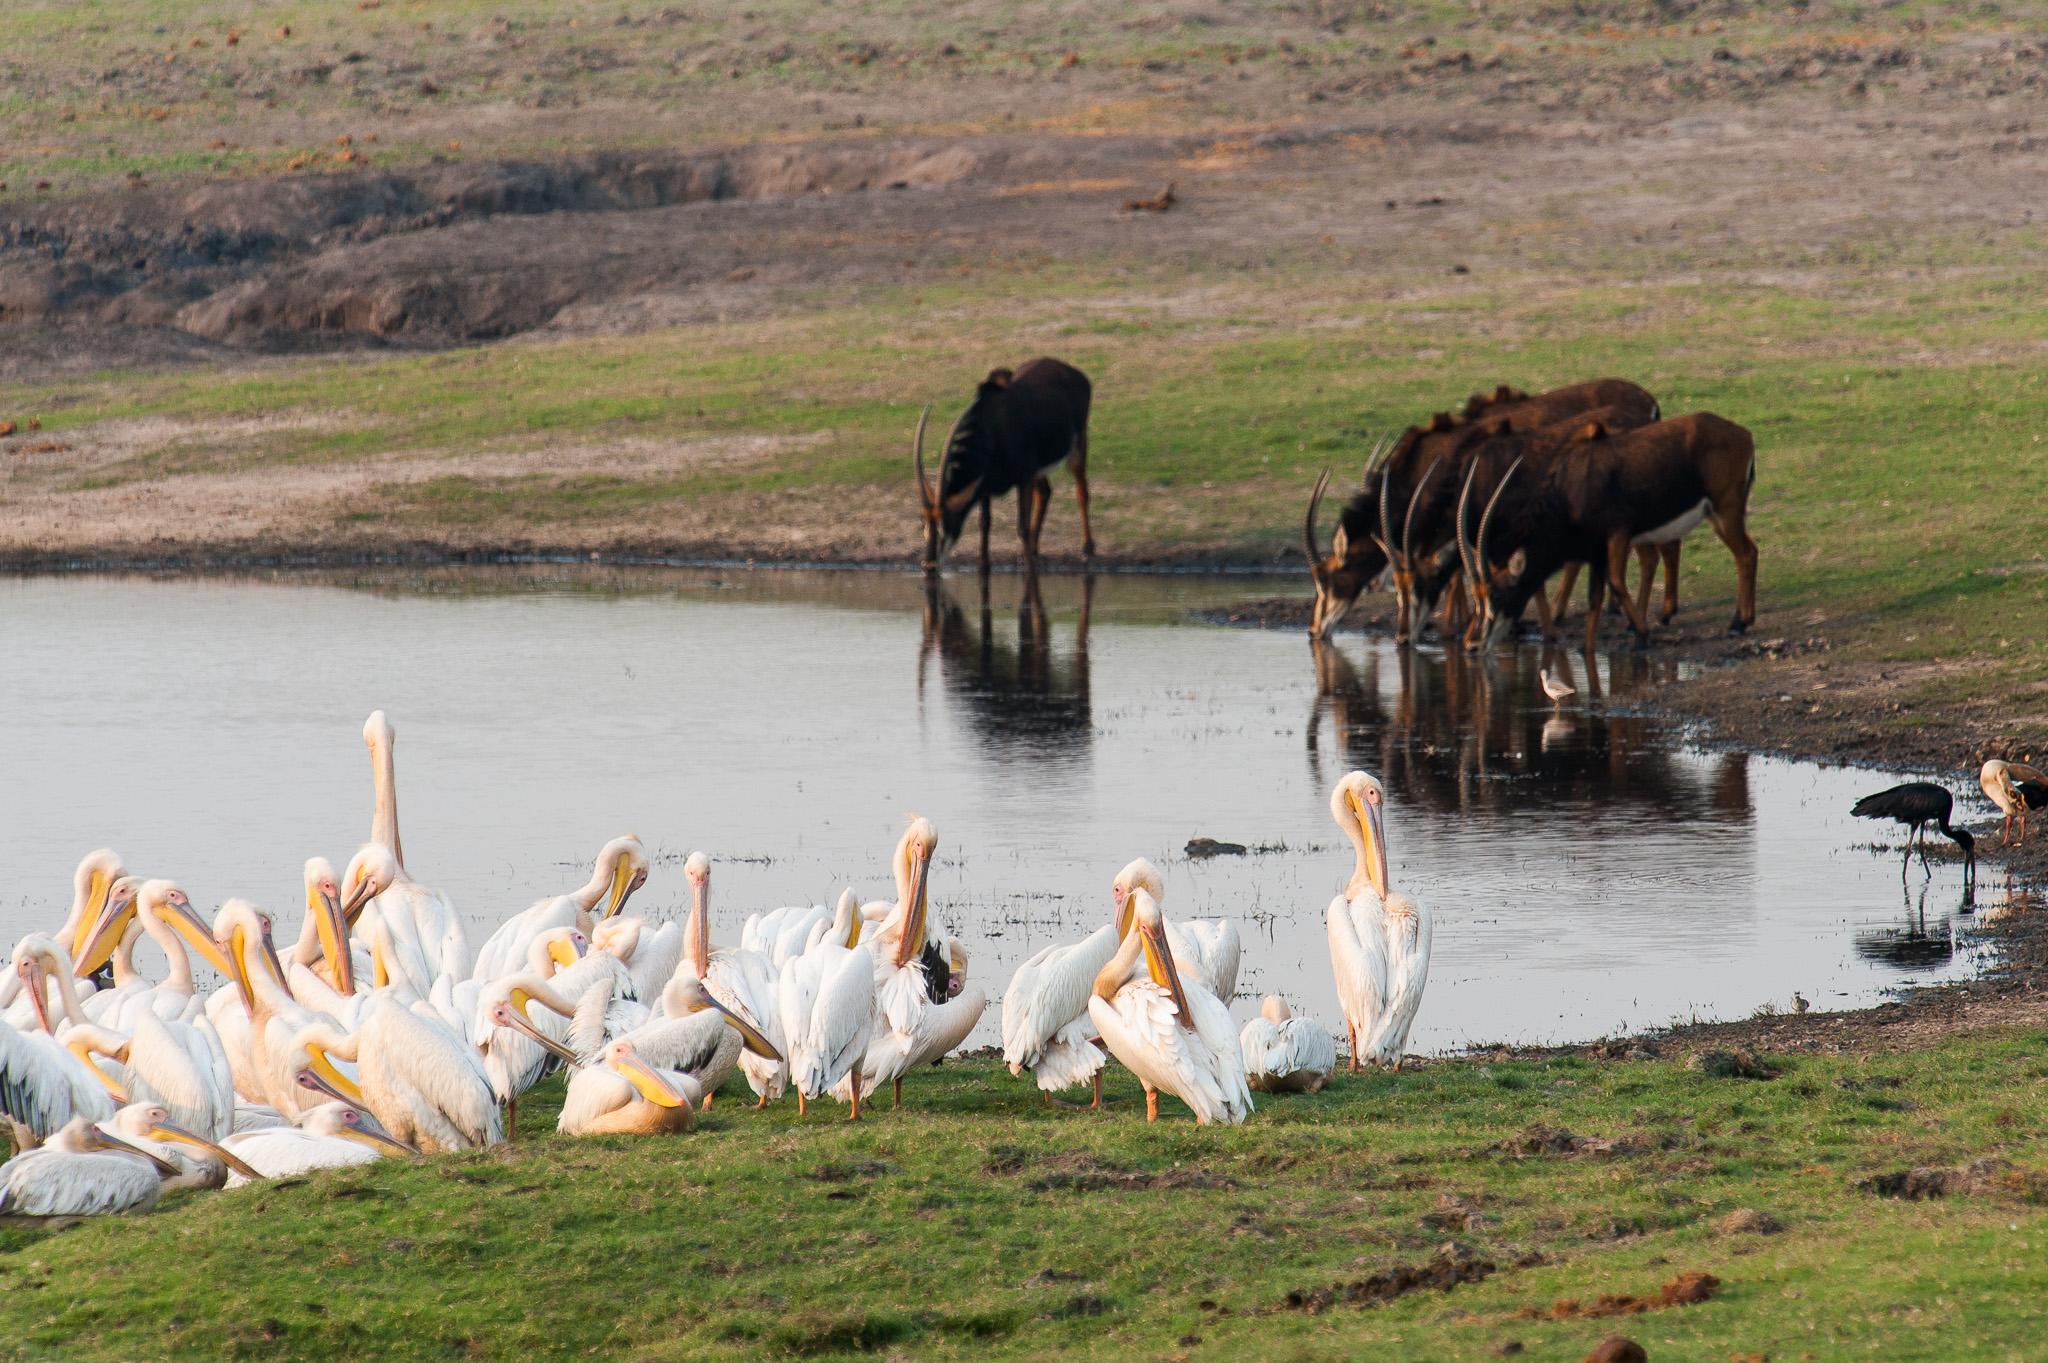 Pelicans and Sable Antelopes, Chobe NP, Botswana